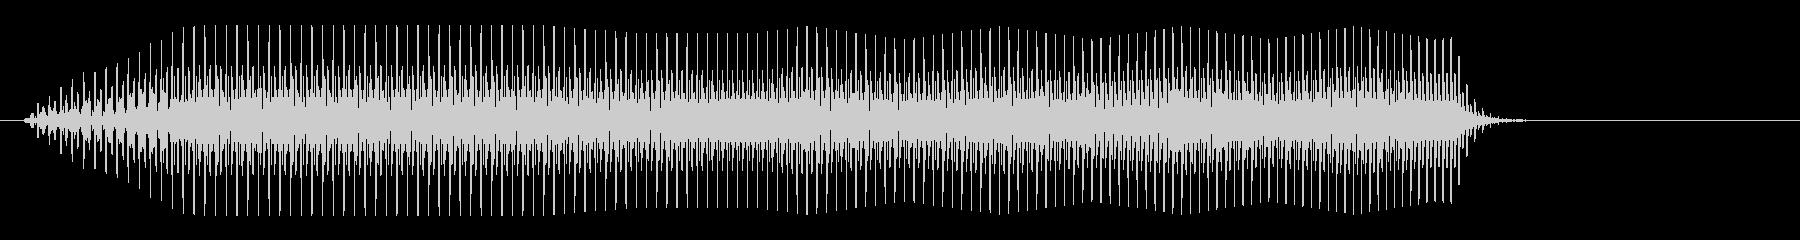 プワーッ(コミカル)の未再生の波形